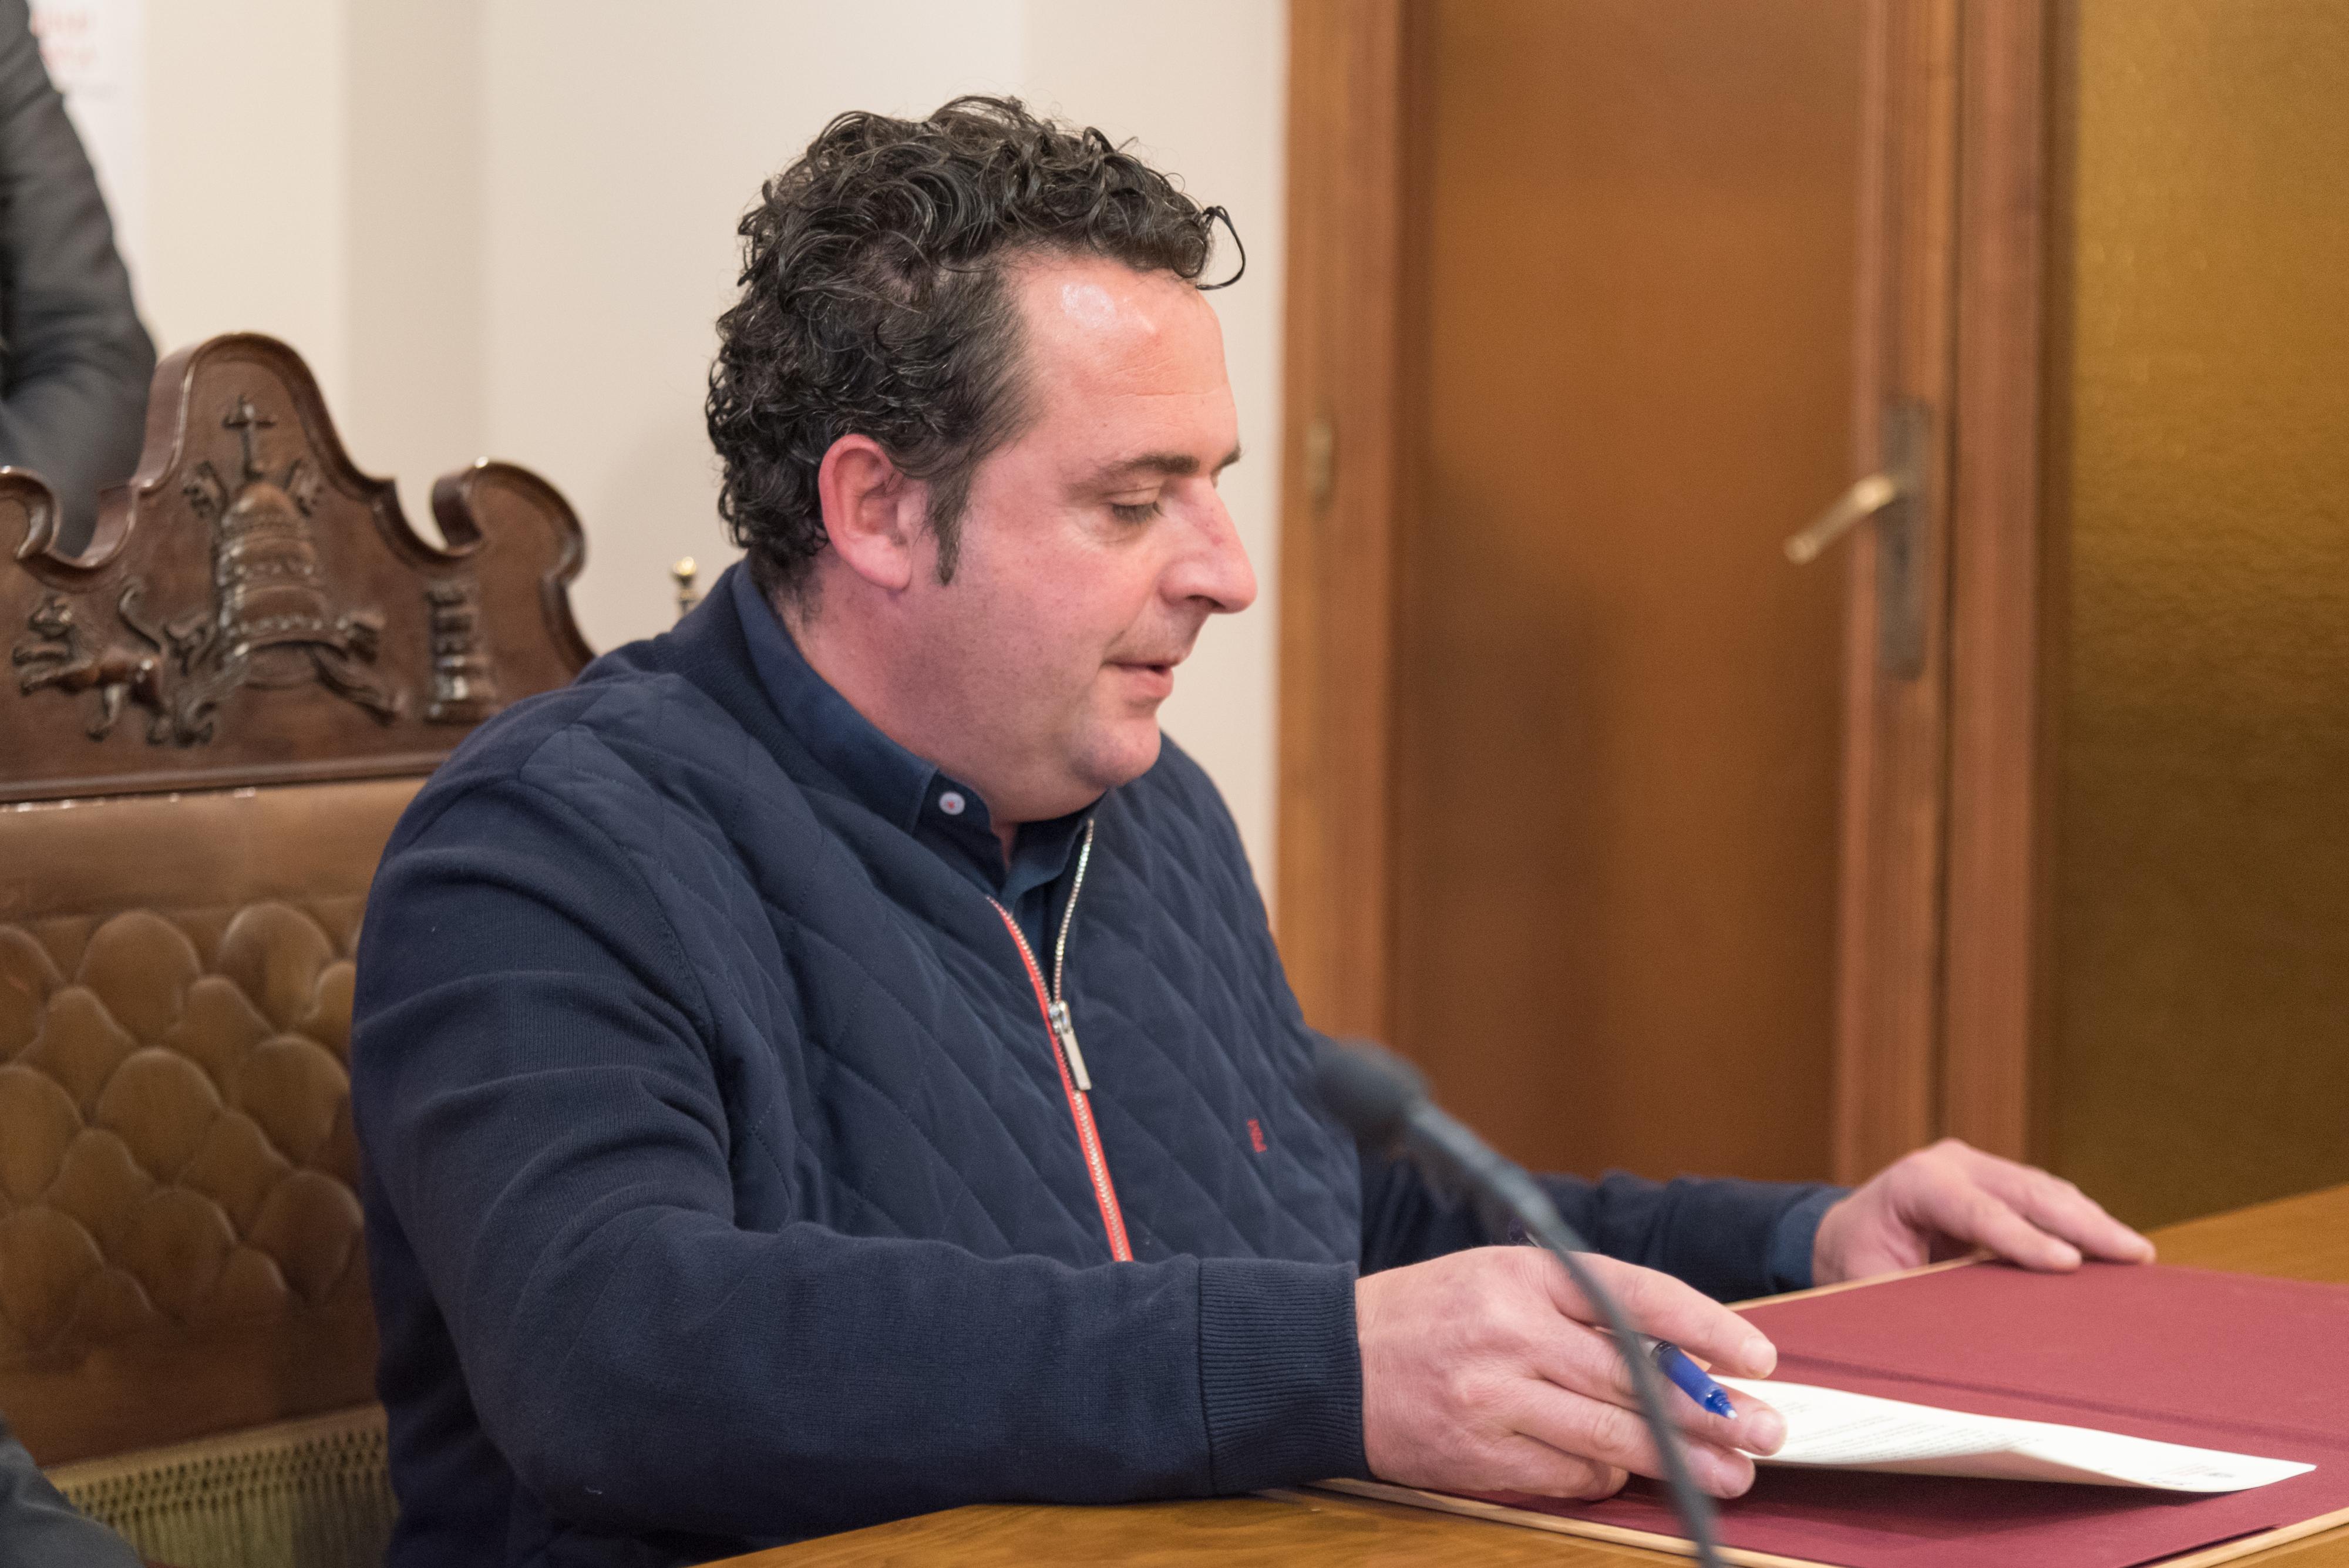 La Universidad de Salamanca y el Consejo Regulador de la D.O.P. Guijuelo rubrican un protocolo de colaboración en el marco del VIII Centenario